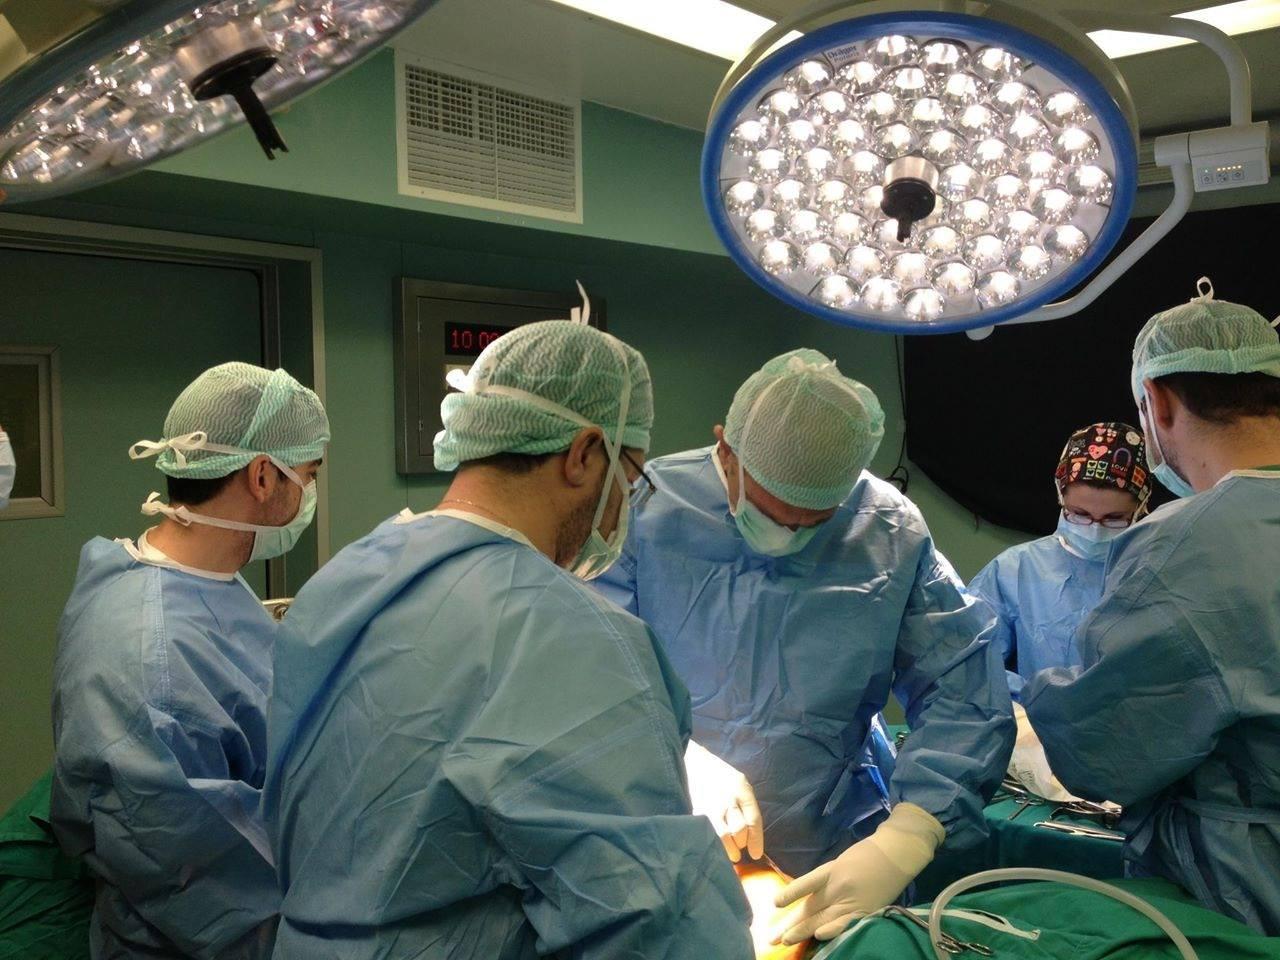 γυναικολόγος - χειρουργος μαιευτήρας - αποβολή -χειρουργείο